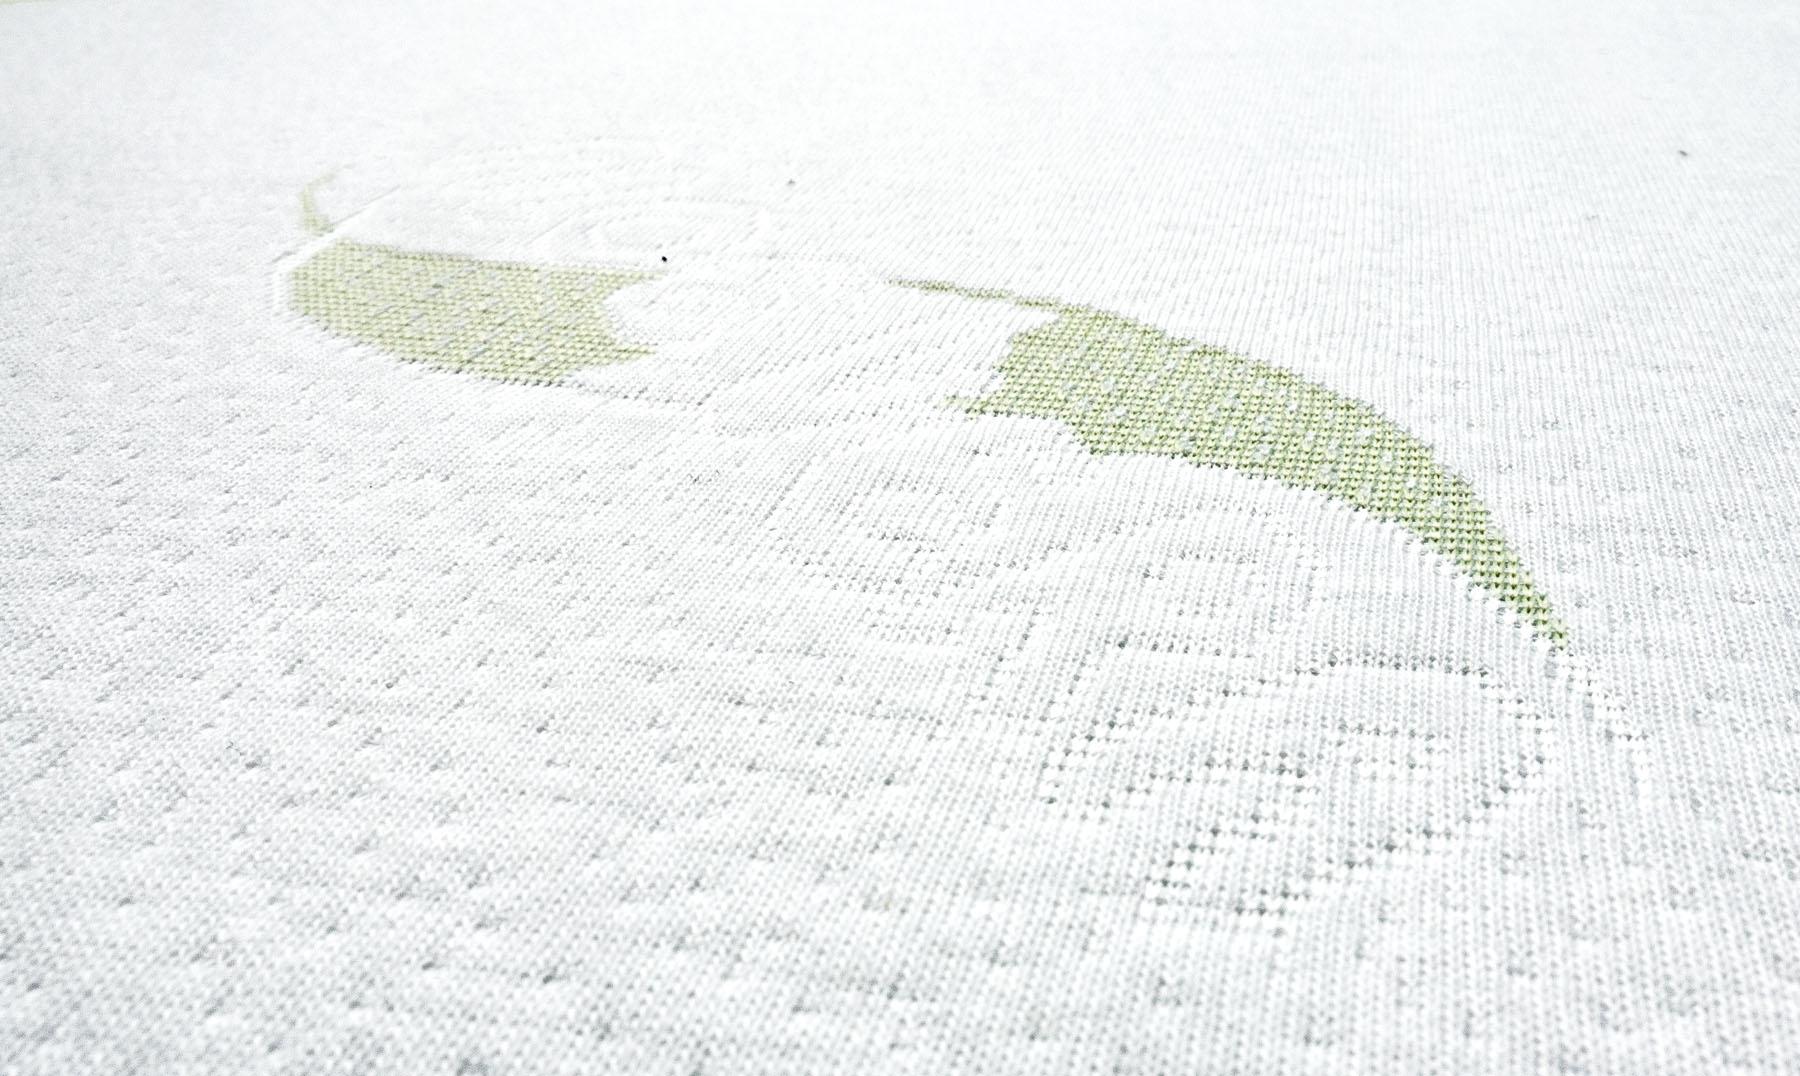 Saltea Sensillo LUXE cu Aloe Vera cocos-spuma-cocos 120x60x11 cm [5]